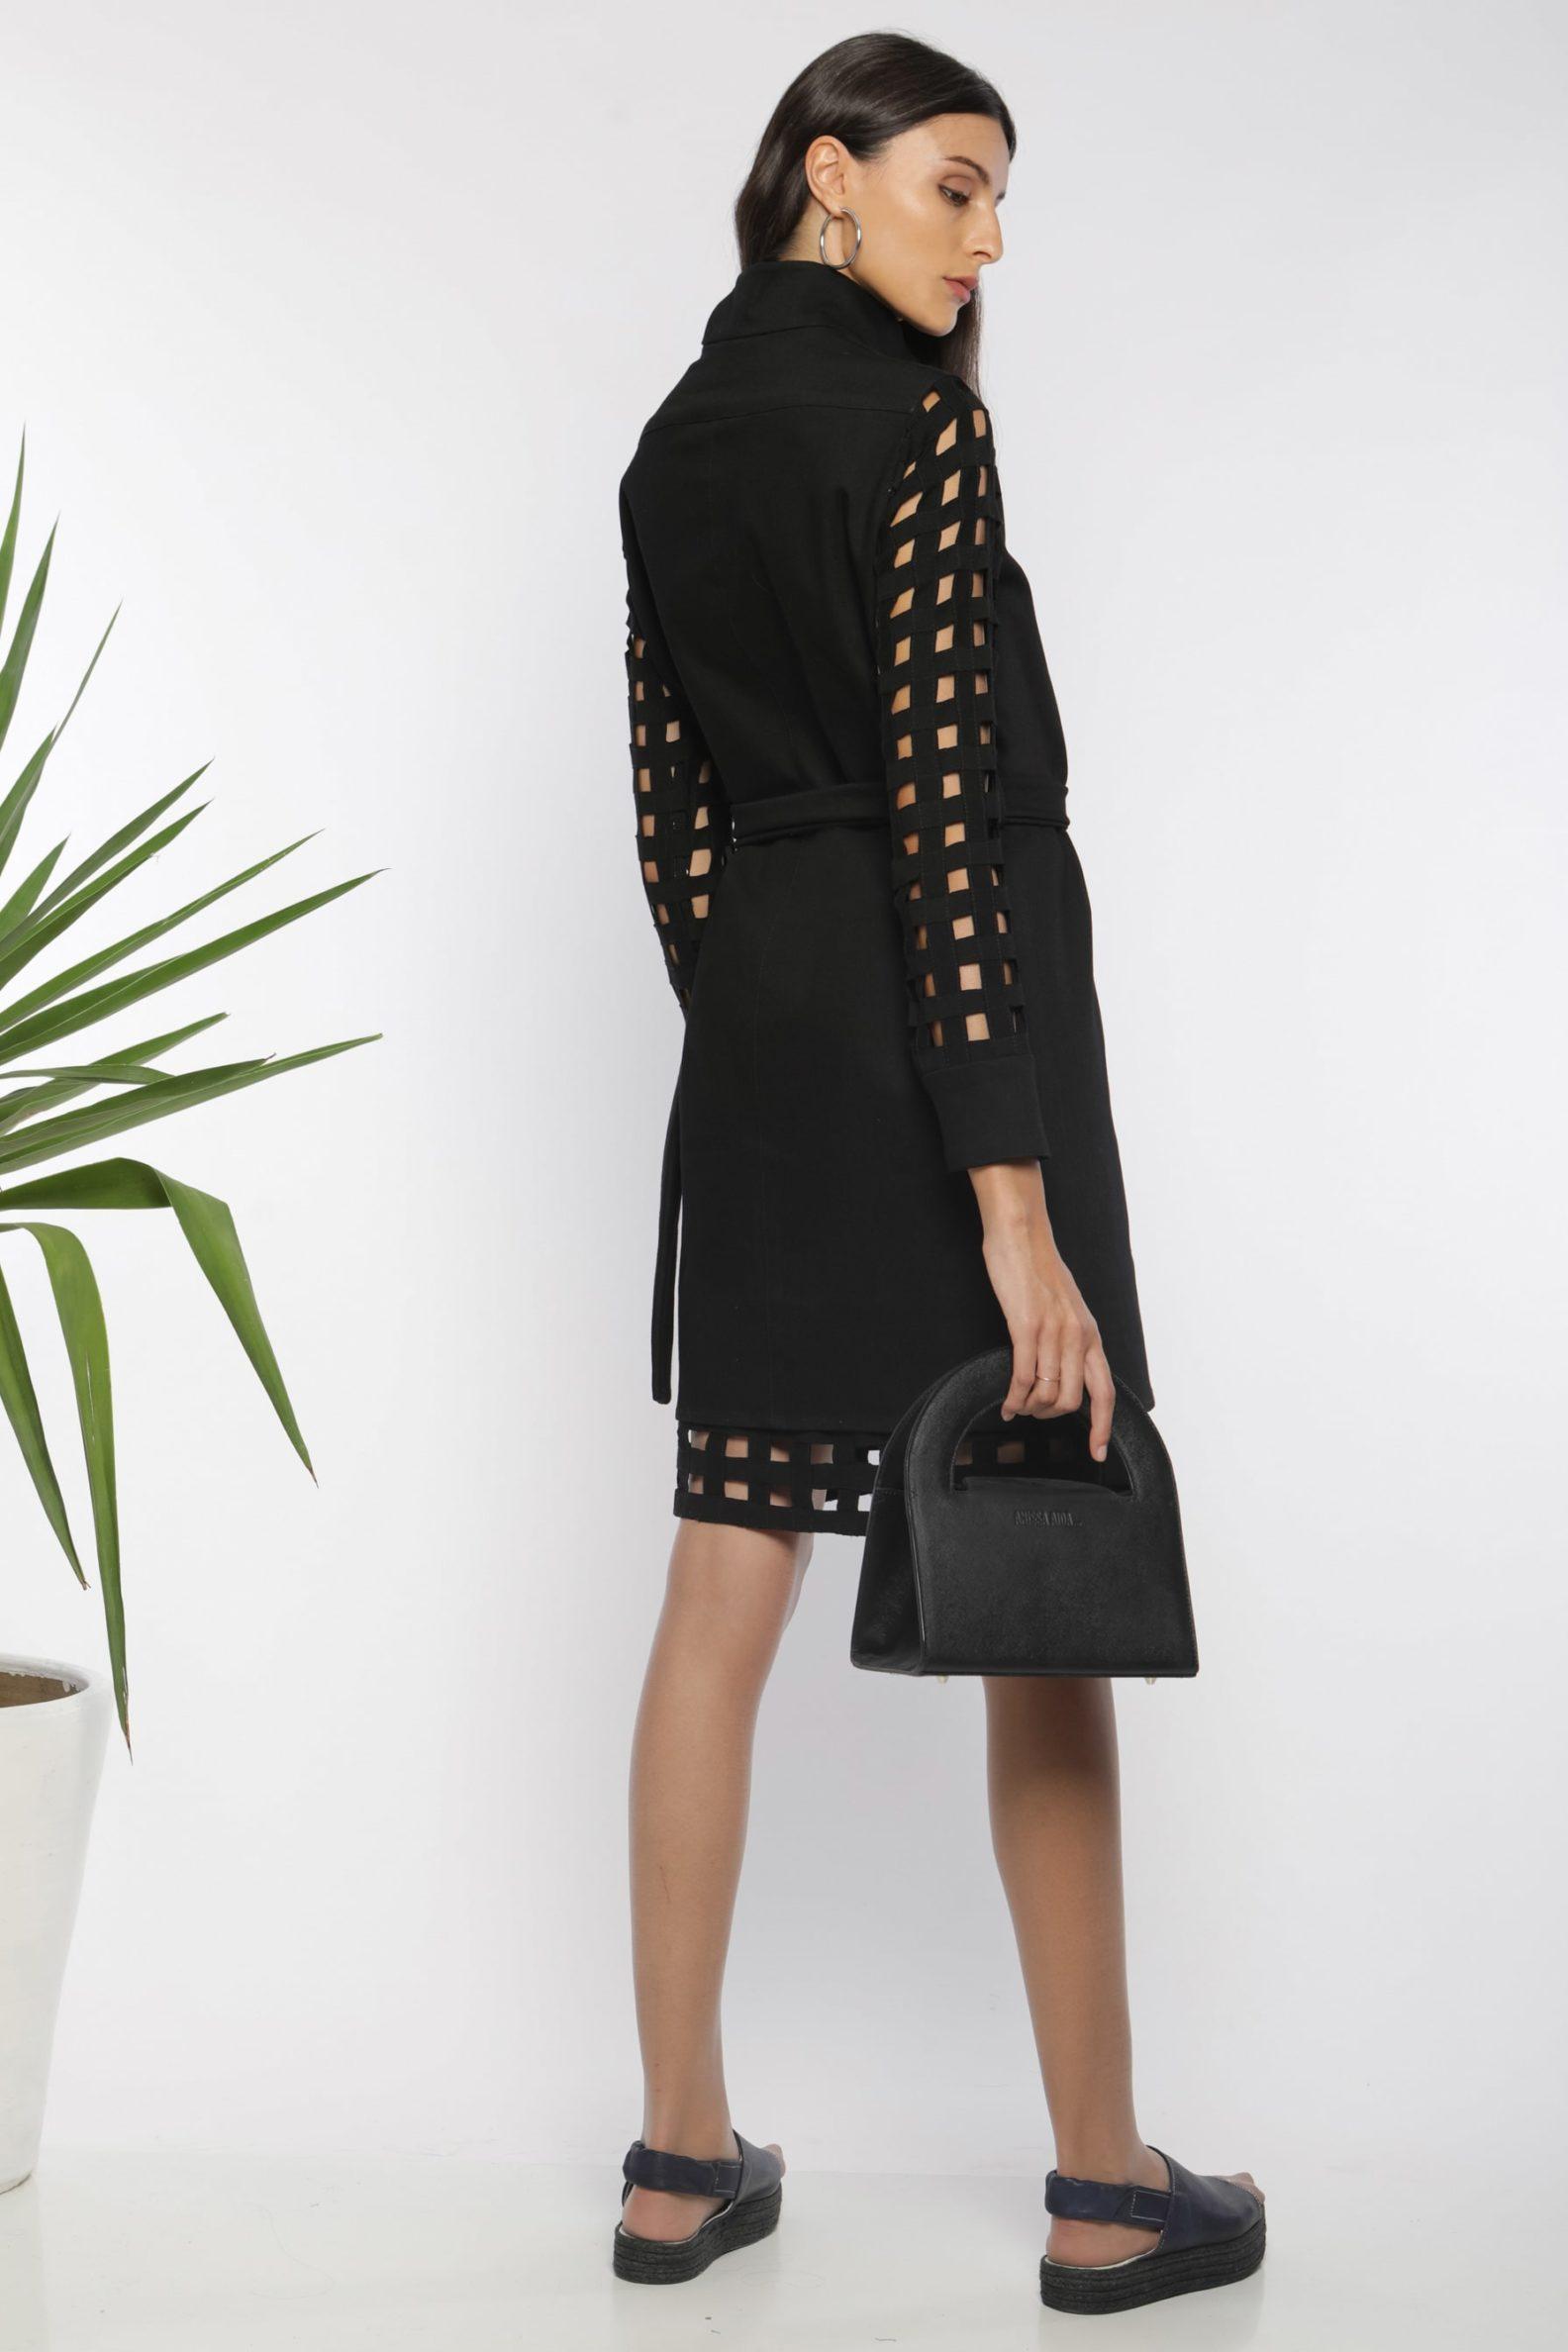 Robe chemise ajourée I En denim noir et coton I Anissa Aïda I Vue de dos I Label AÉ Paris